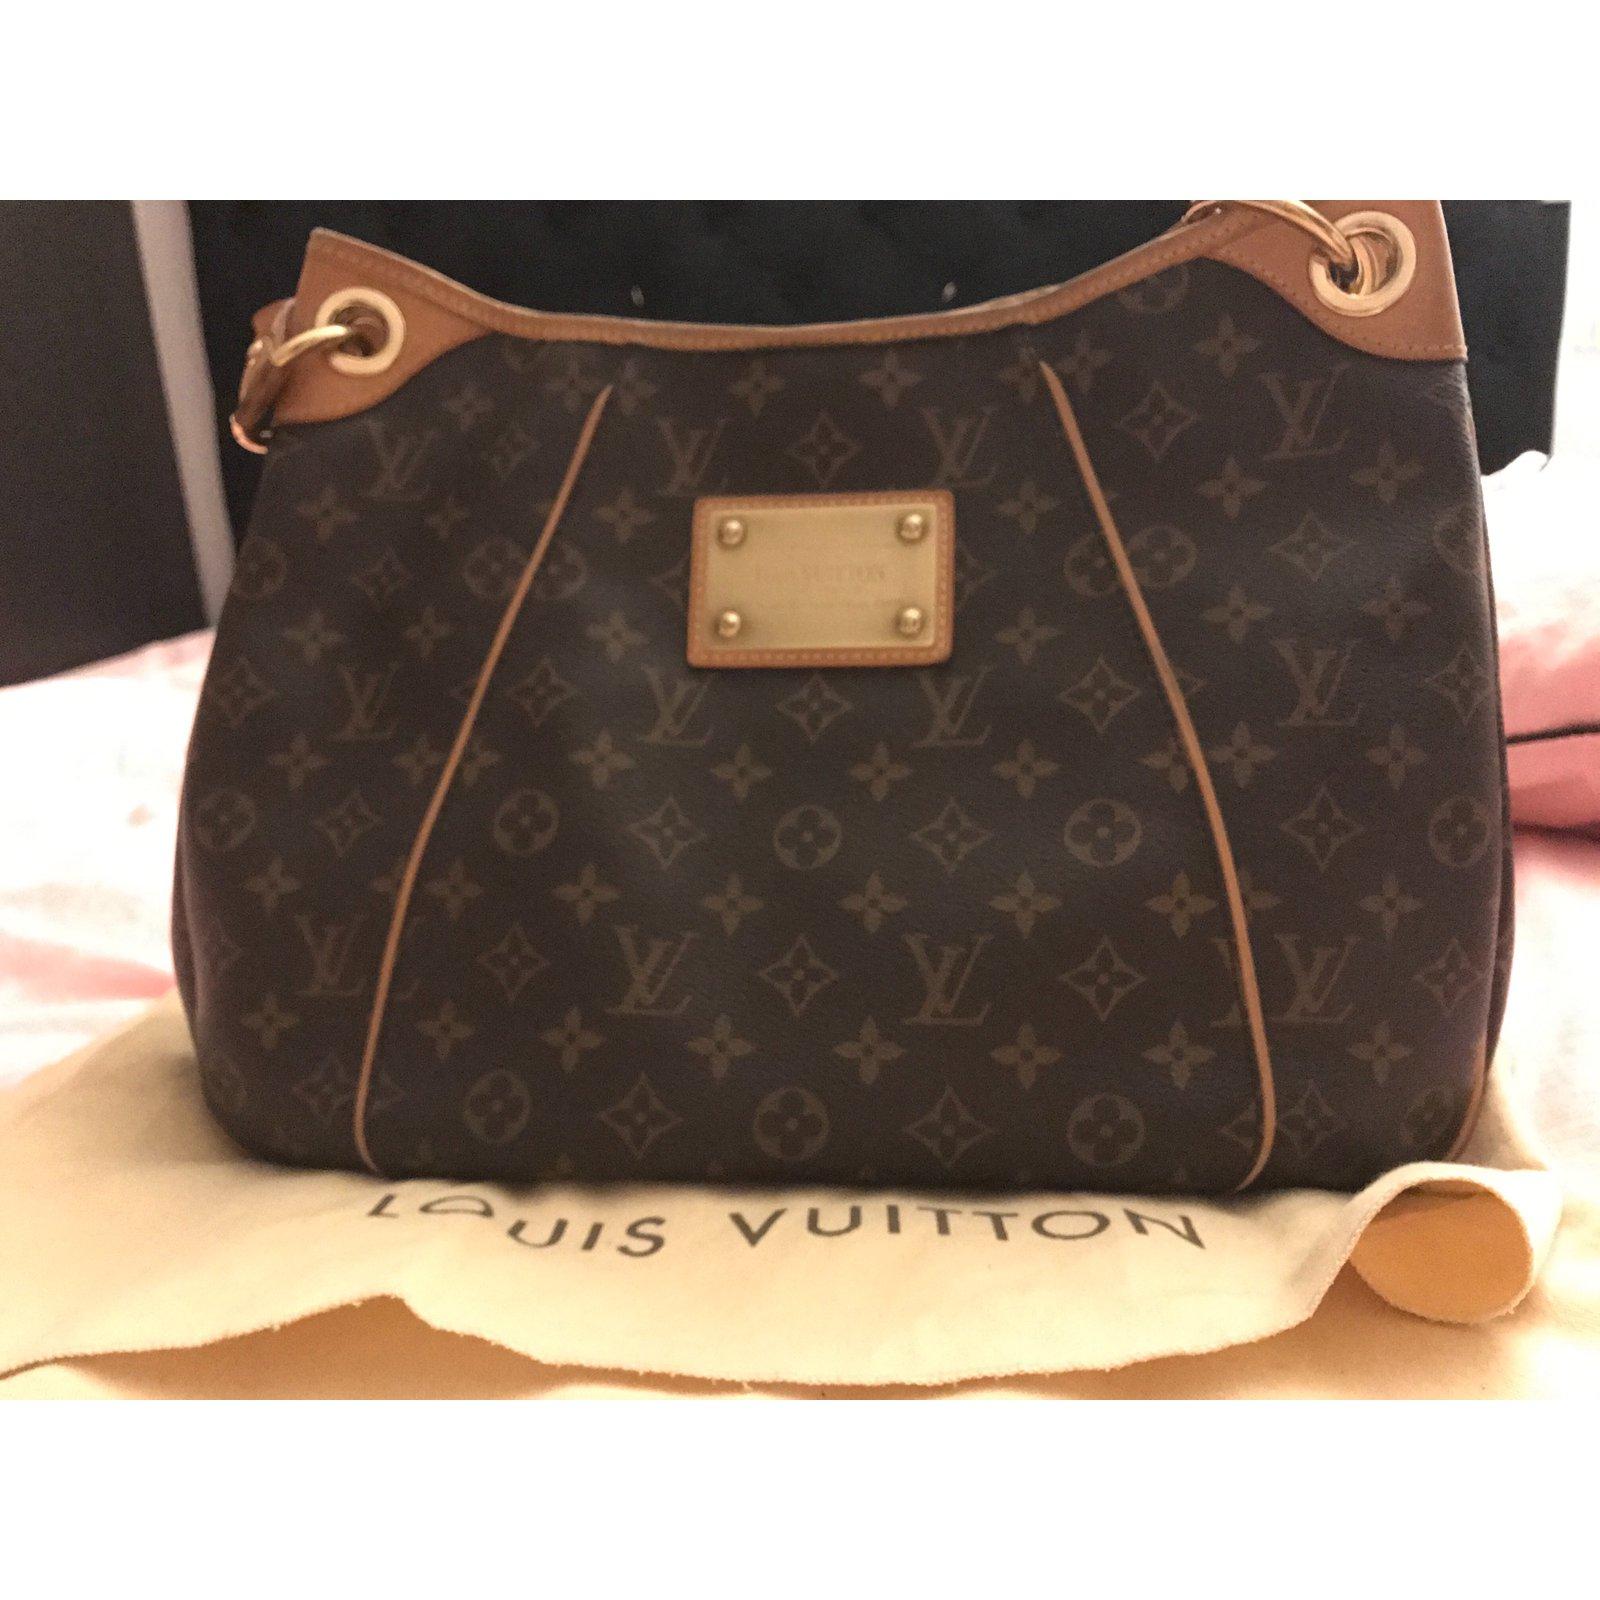 3cd256da18 Sacs à main Louis Vuitton Galliera PM Cuir Marron ref.57580 - Joli Closet